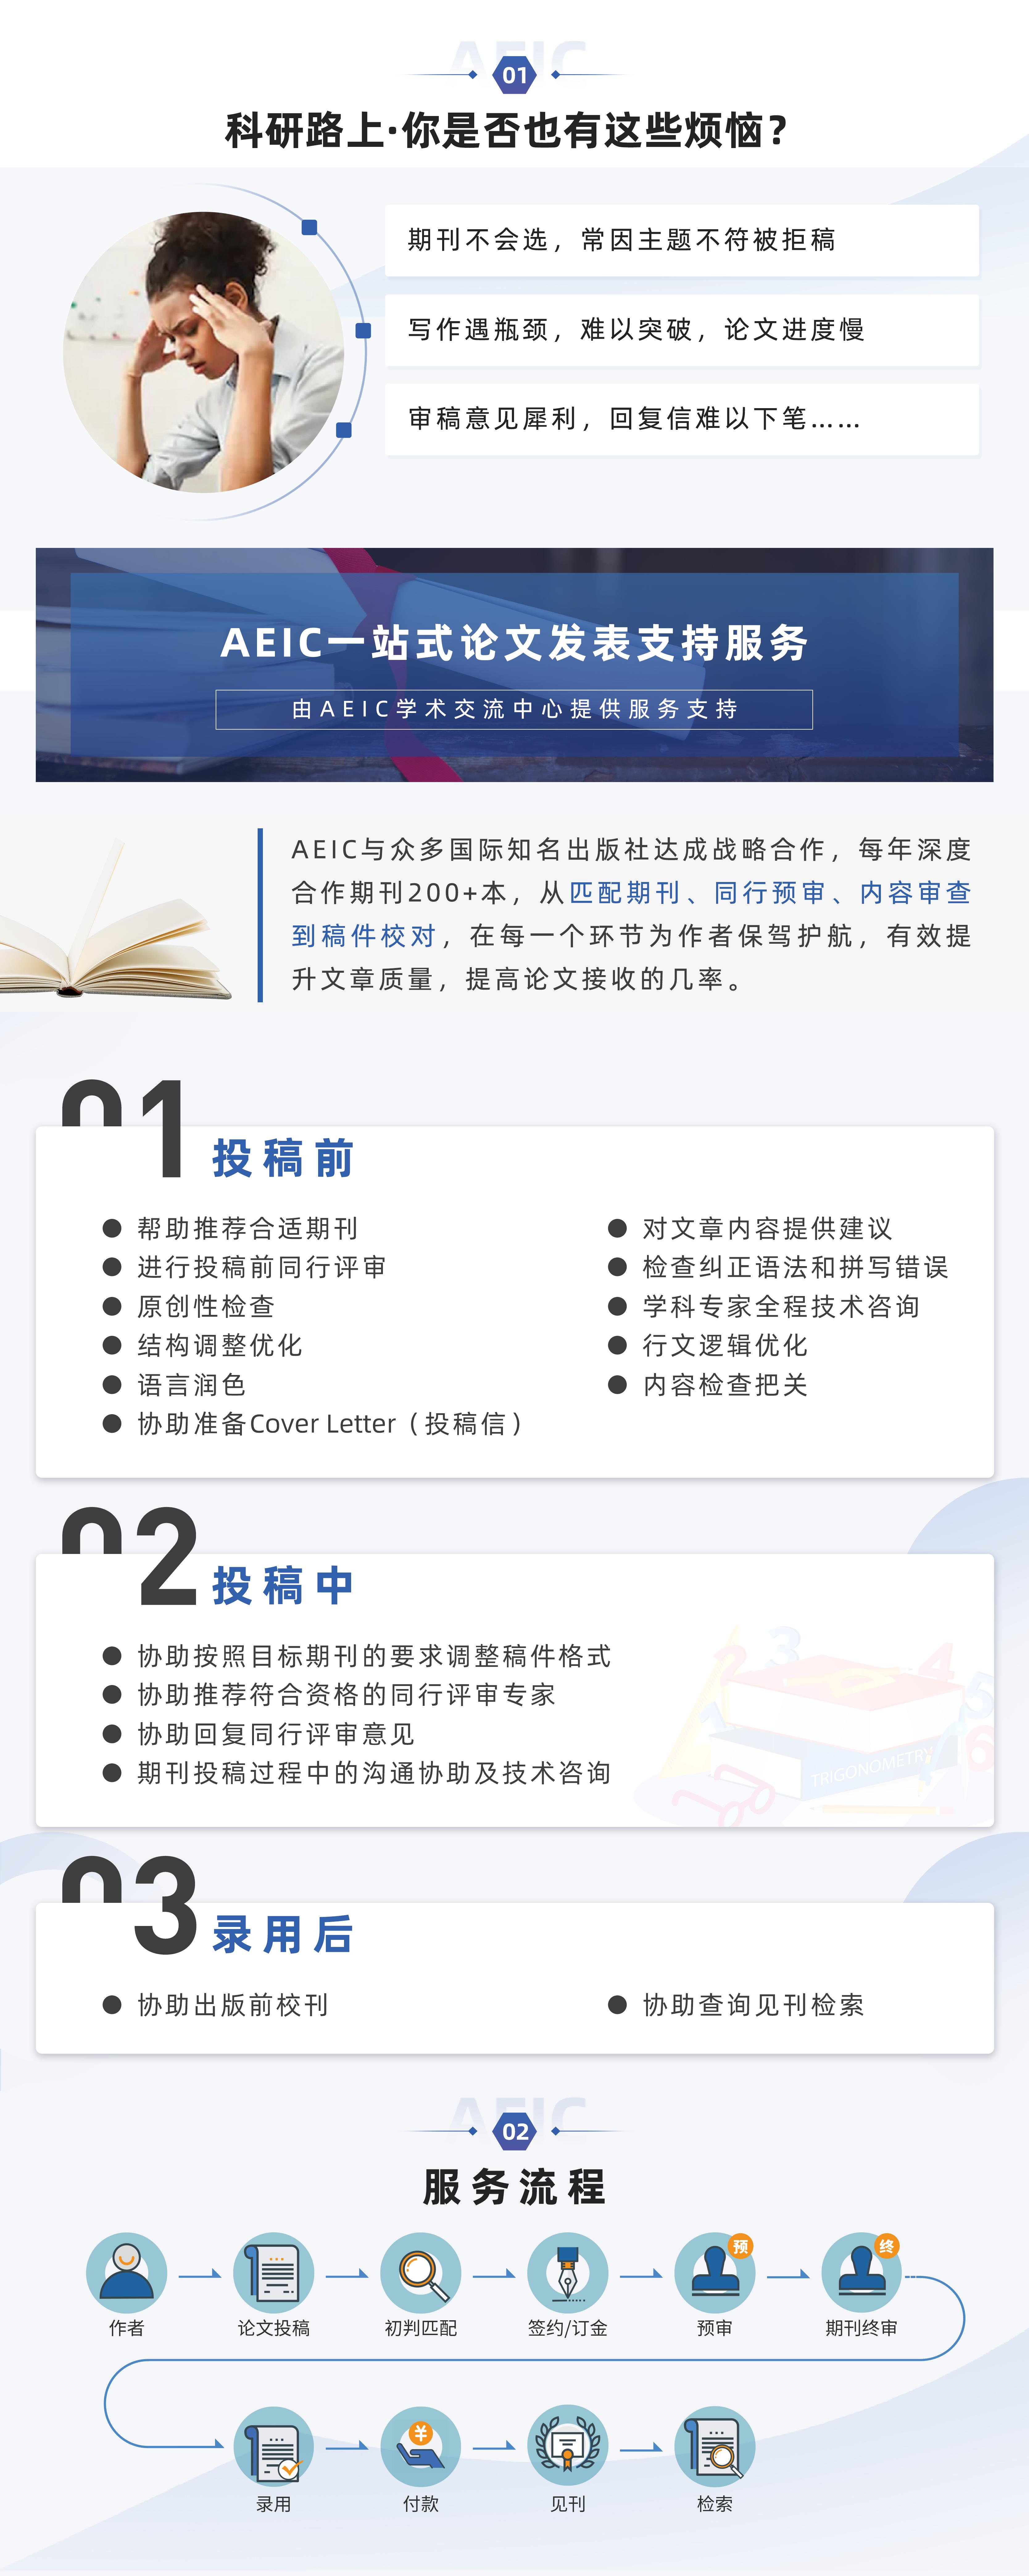 期刊上线详情页-AEIC广告图-何雪仪-20211011.png